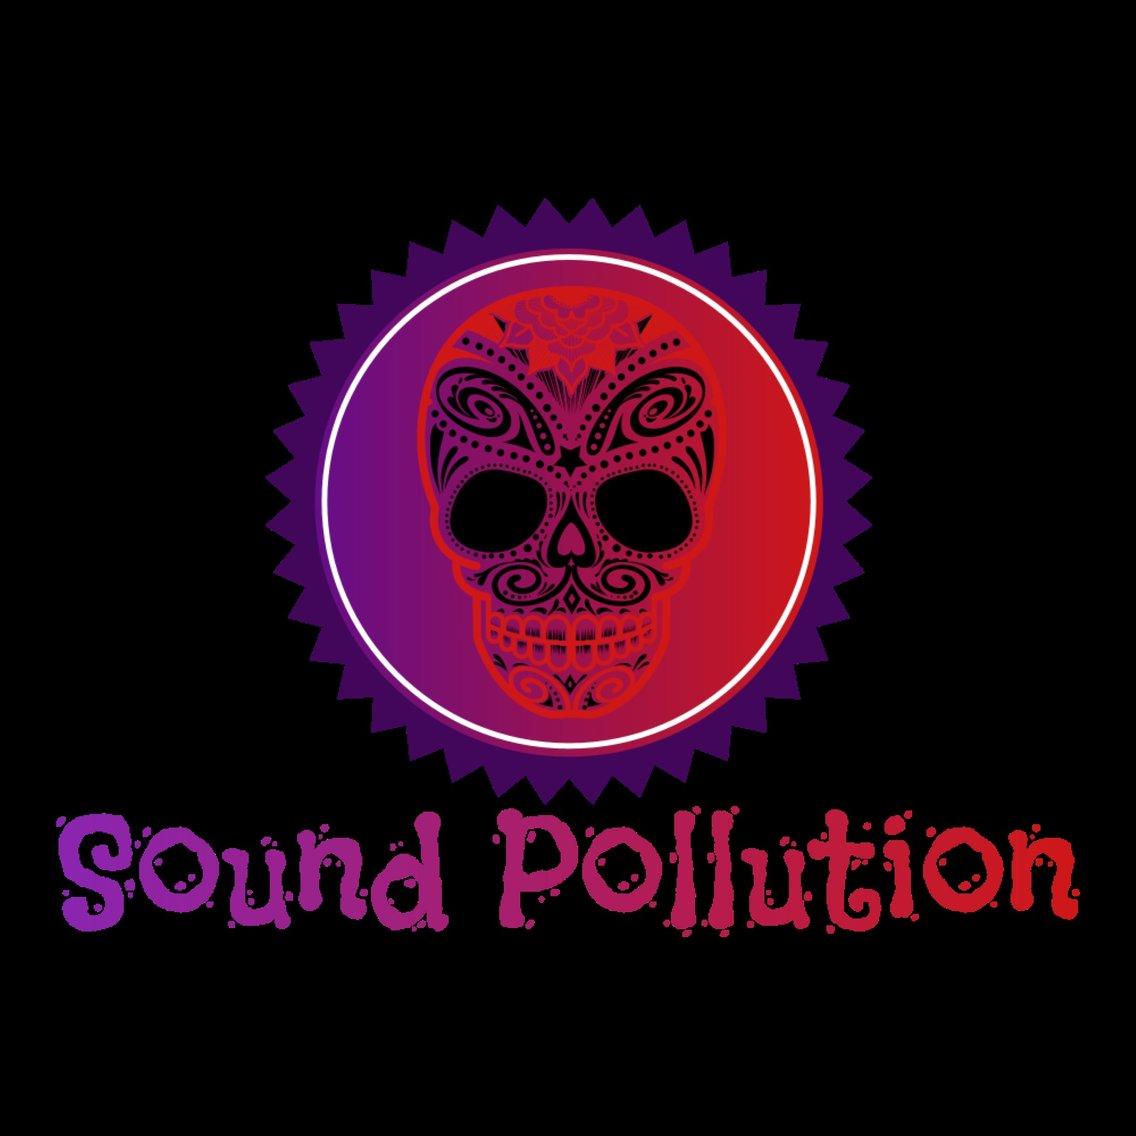 Sound Pollution - immagine di copertina